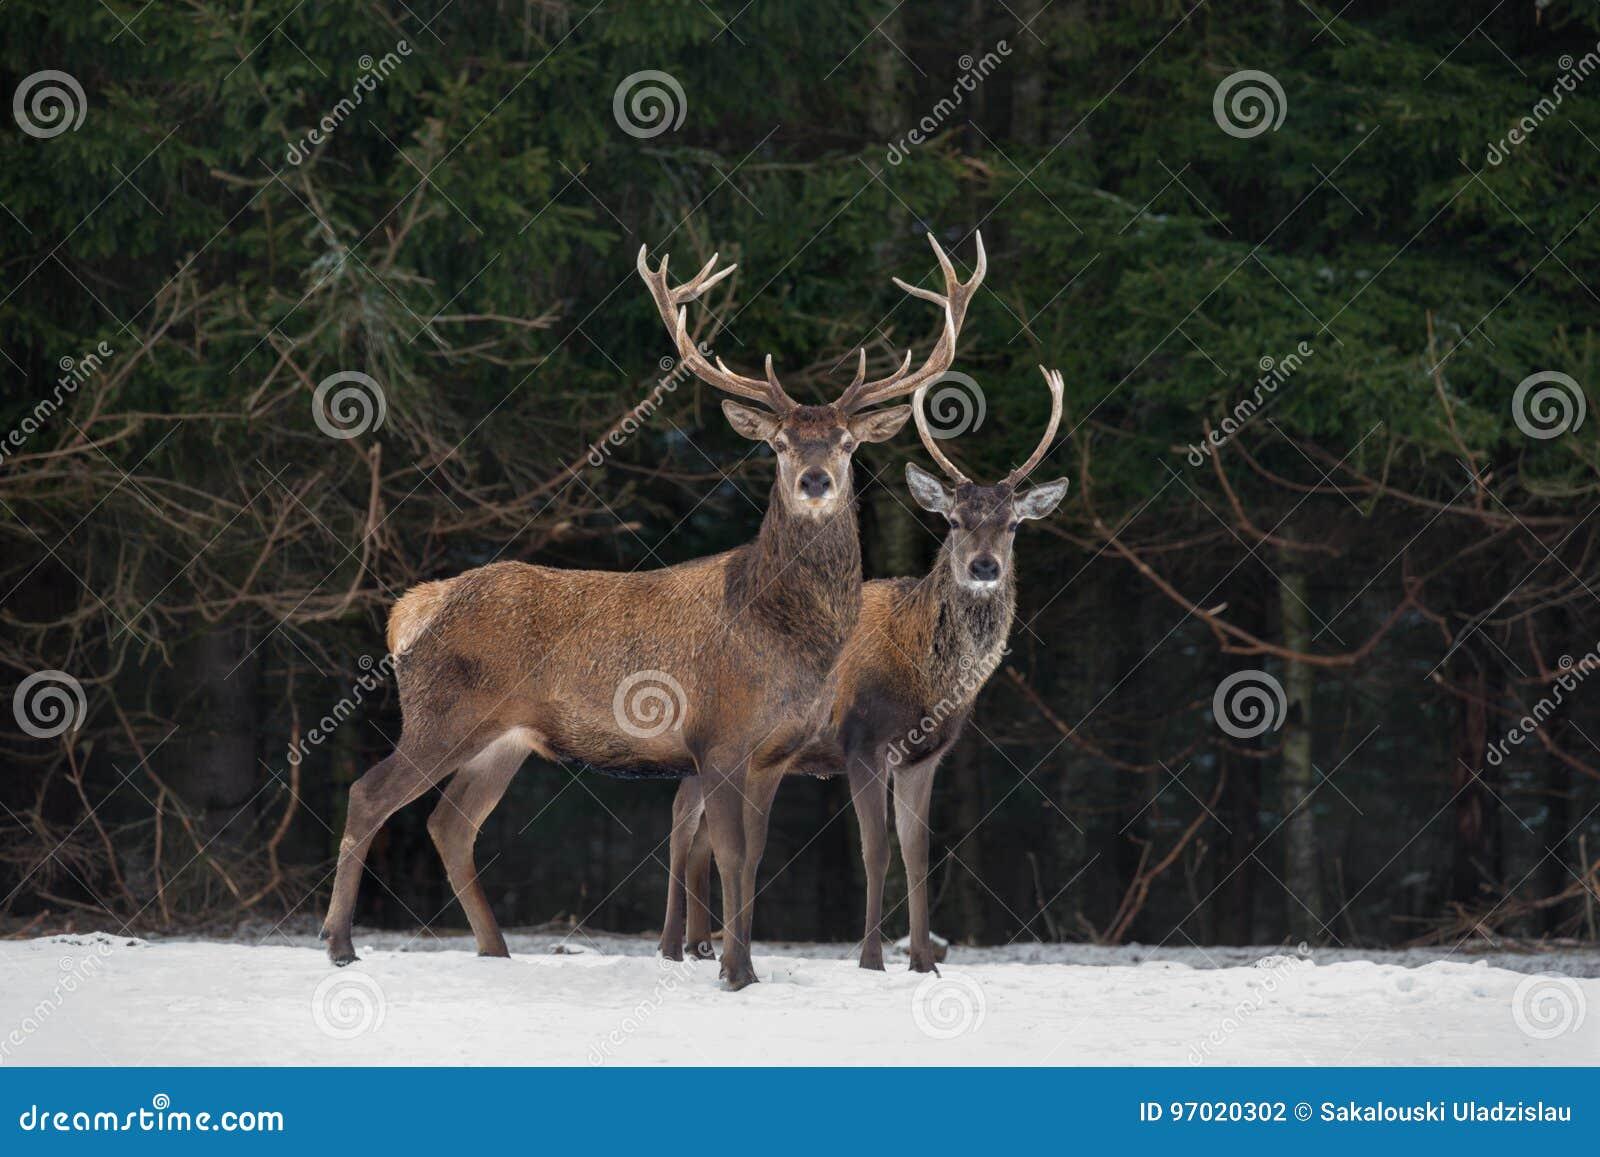 Vater And Son: Zwei Generationen edler Rotwild-Hirsch Zwei Rotwild Cervus Elaphus-Stand als Nächstes der Winter Forest Winter Wil